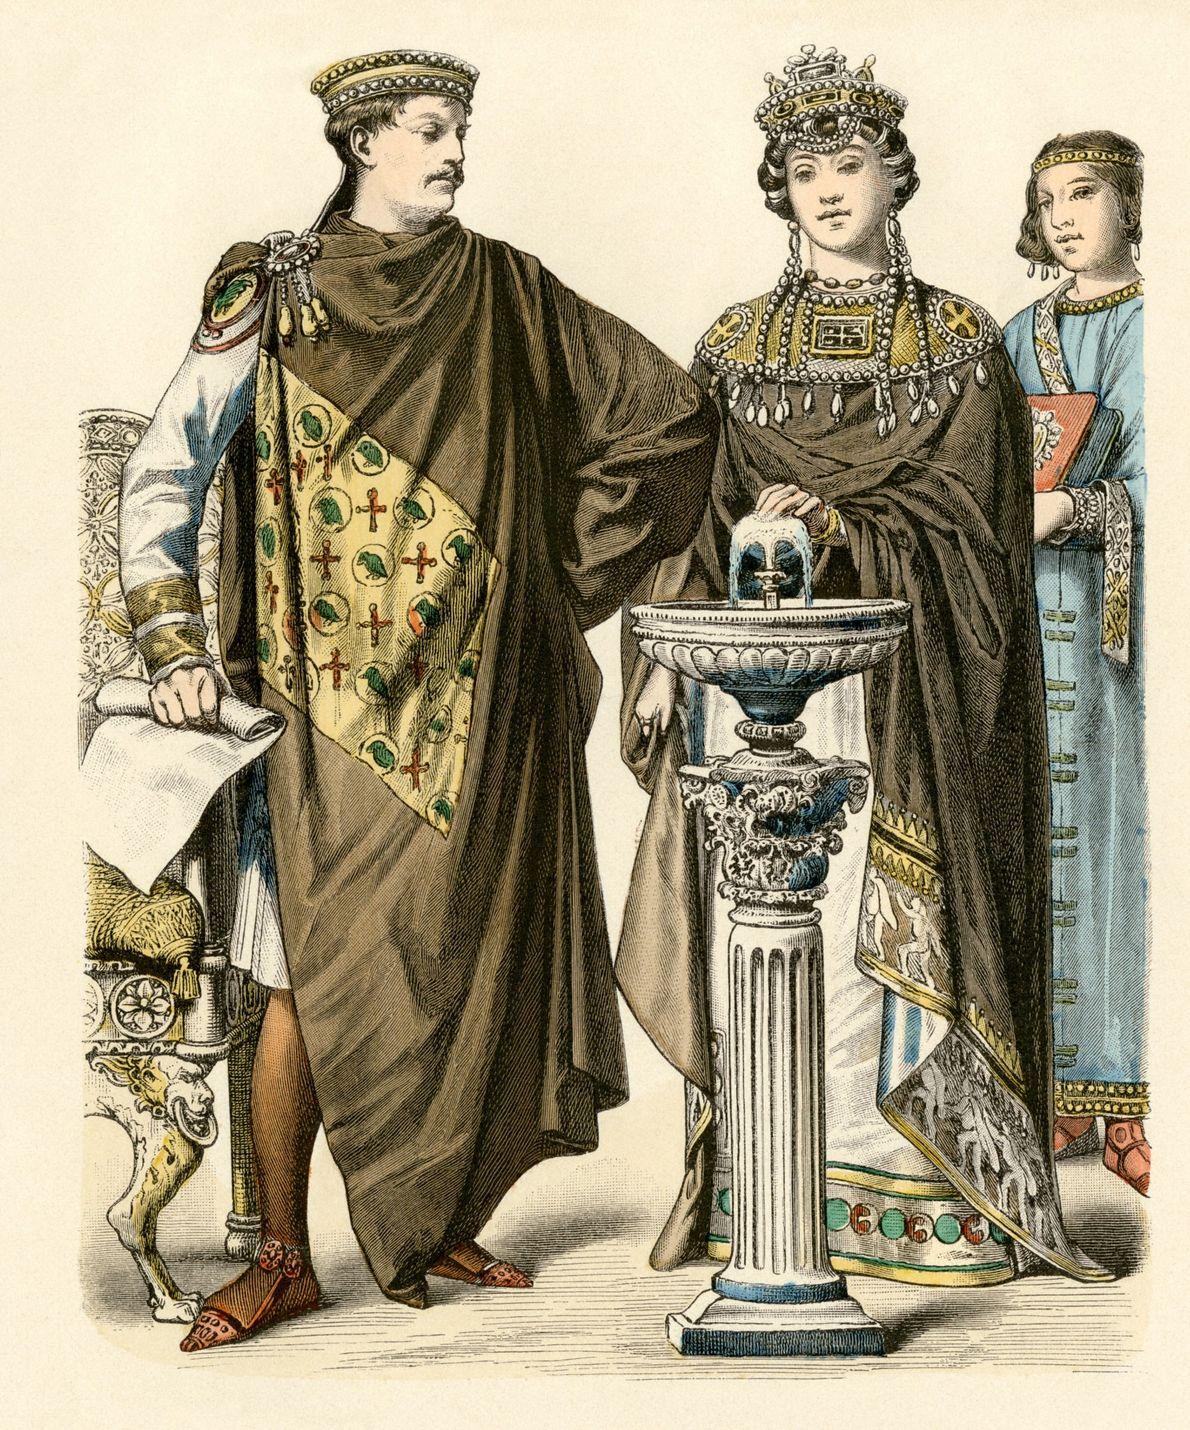 Ella, exactriz, él, plebeyo: Teodora y Justiniano I acabaron gobernando el Imperio bizantino en el siglo …